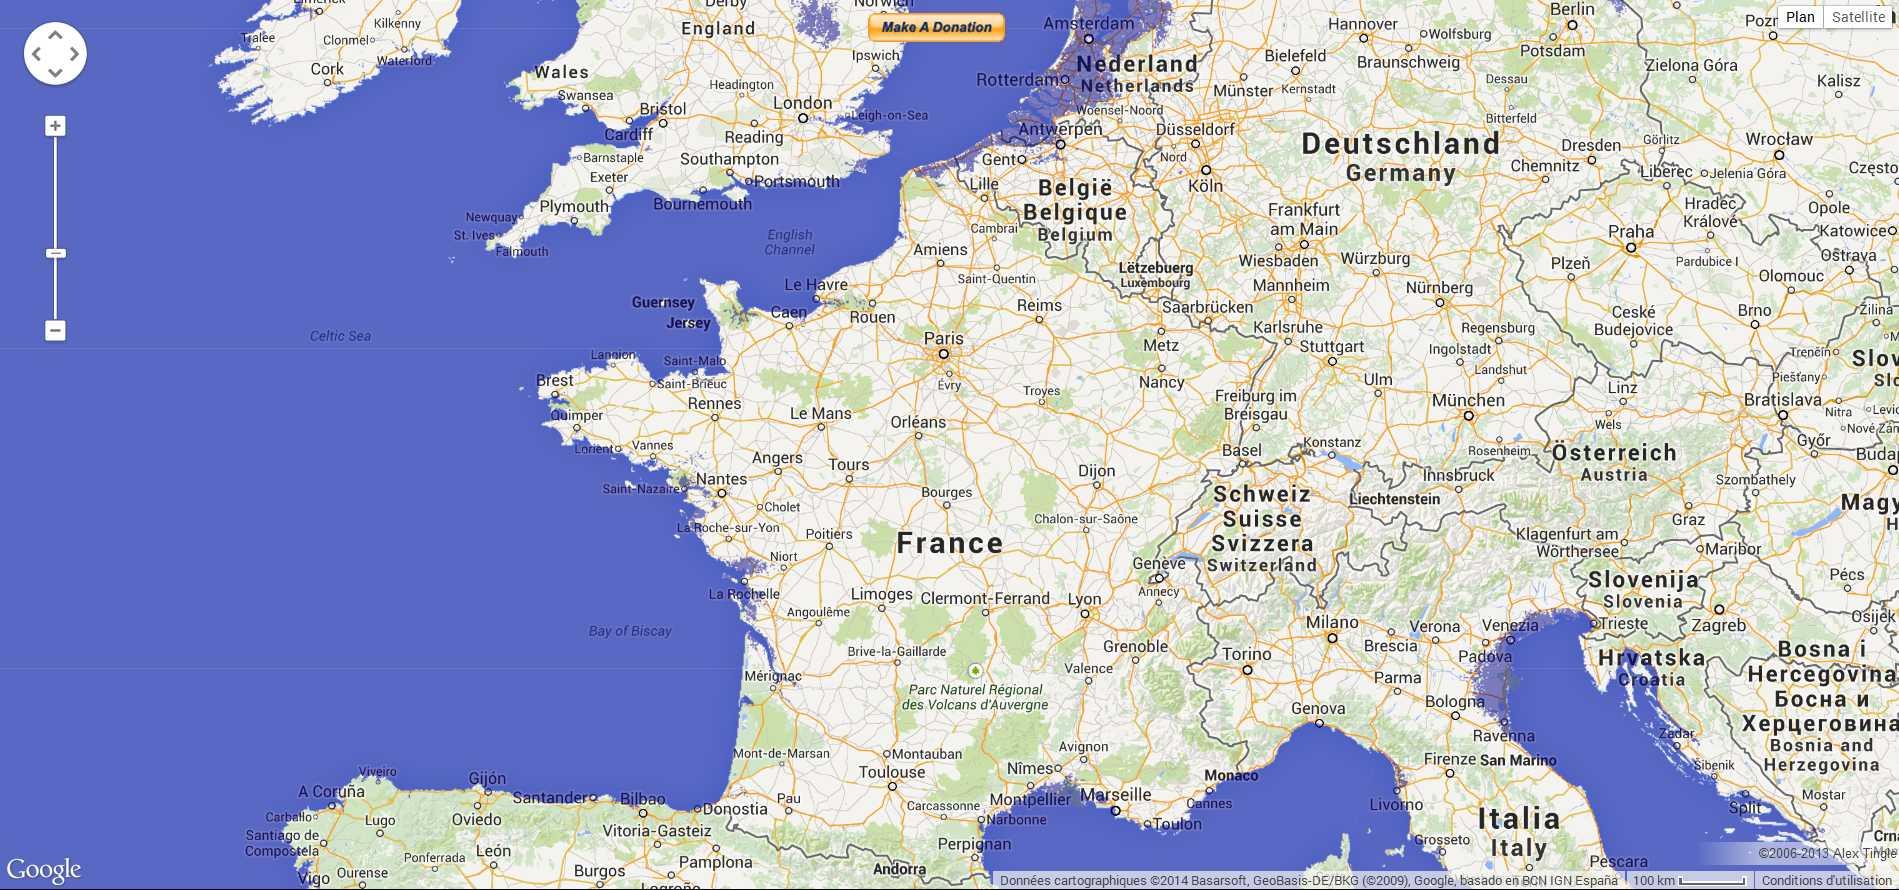 Carte interactive de la montée du niveau des océans  2014-202